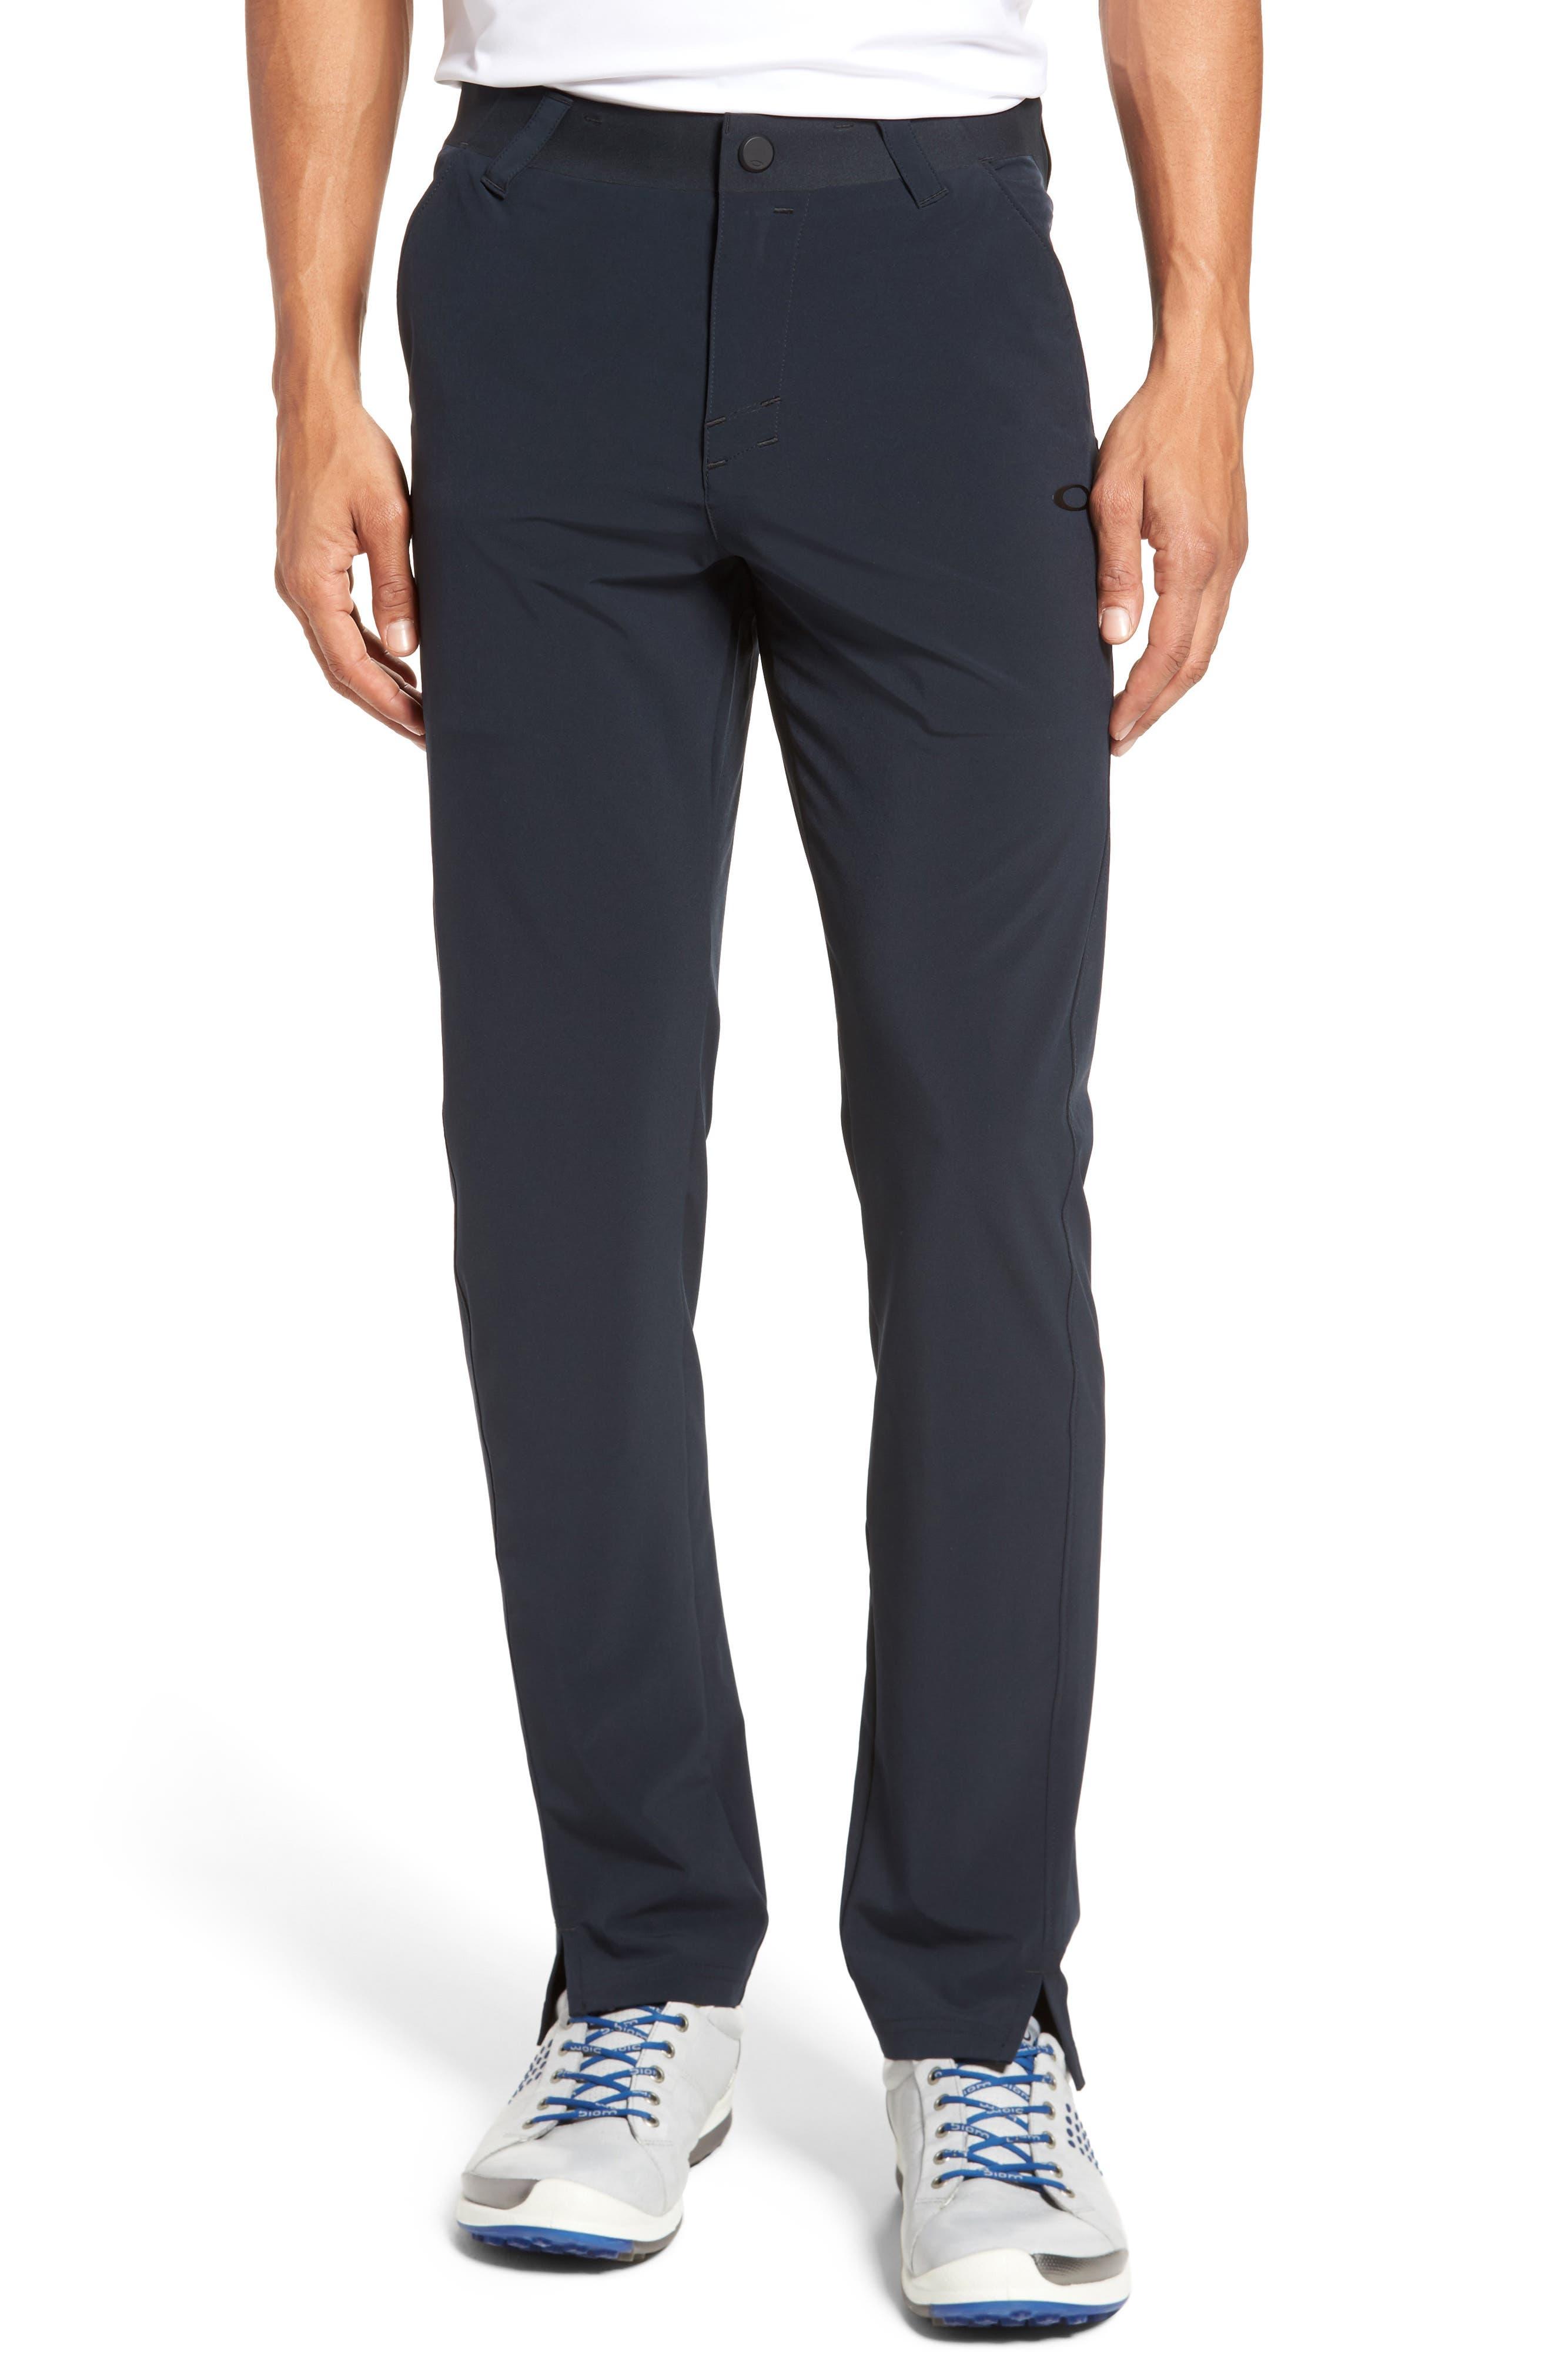 Velocity Pants,                         Main,                         color, Blackout